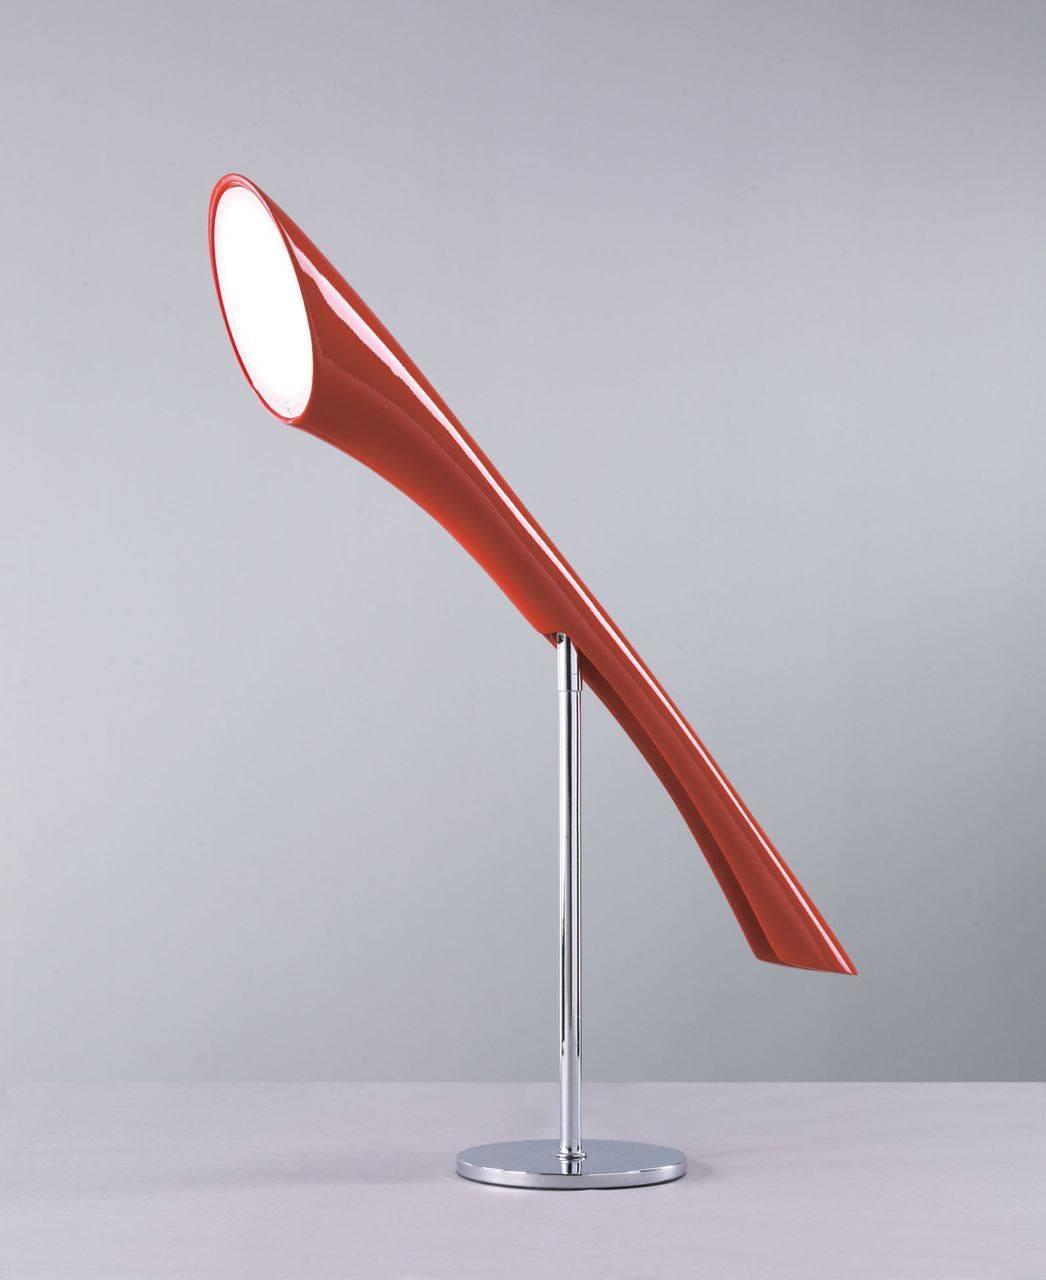 Купить Настольная лампа дизайнерская Houses в интернет магазине дизайнерской мебели и аксессуаров для дома и дачи